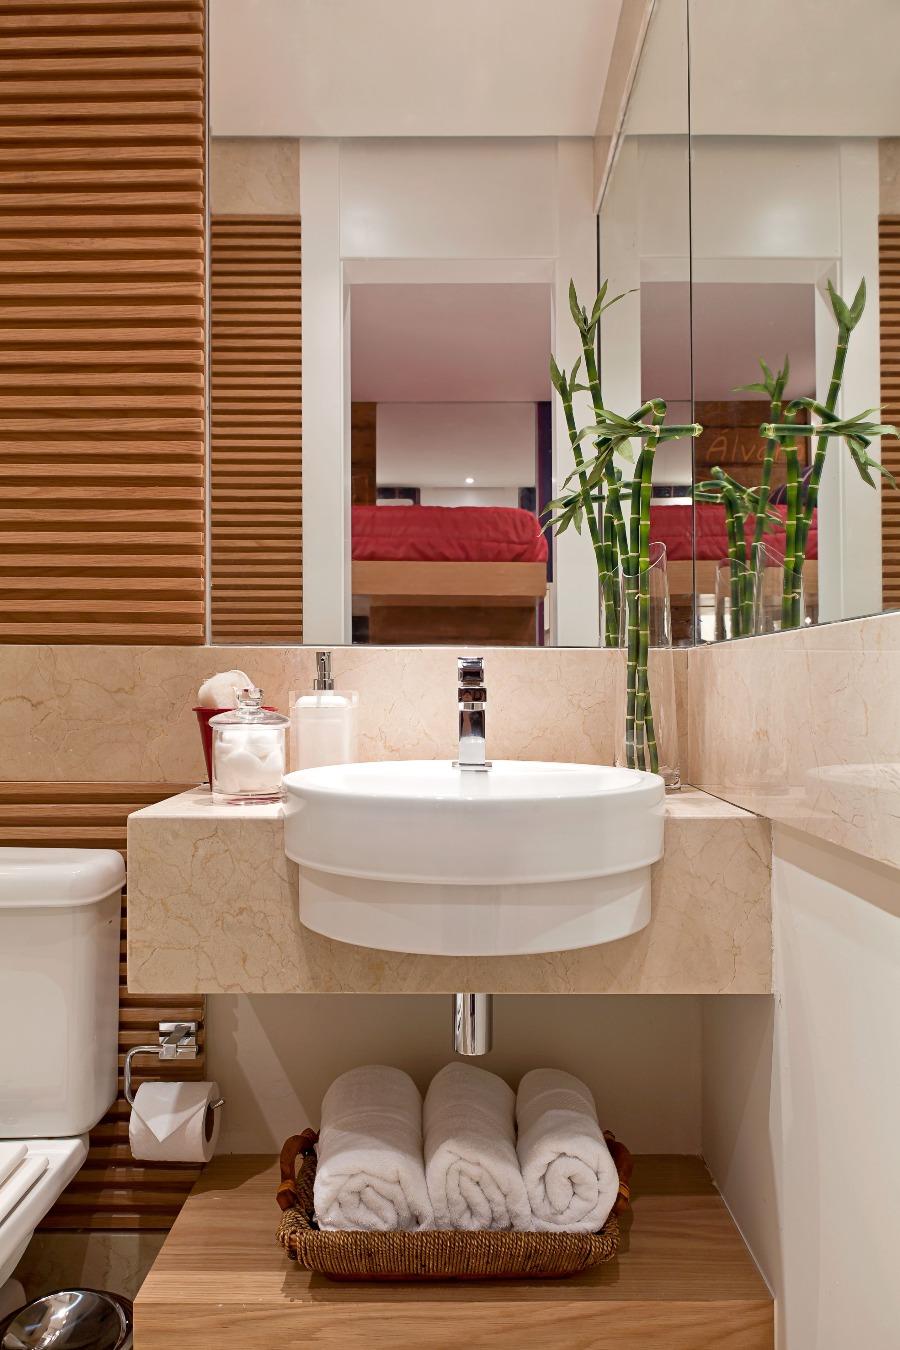 dicas-para-banheiro-pequeno-banheiro-com-cuba-de-semi-encaixe